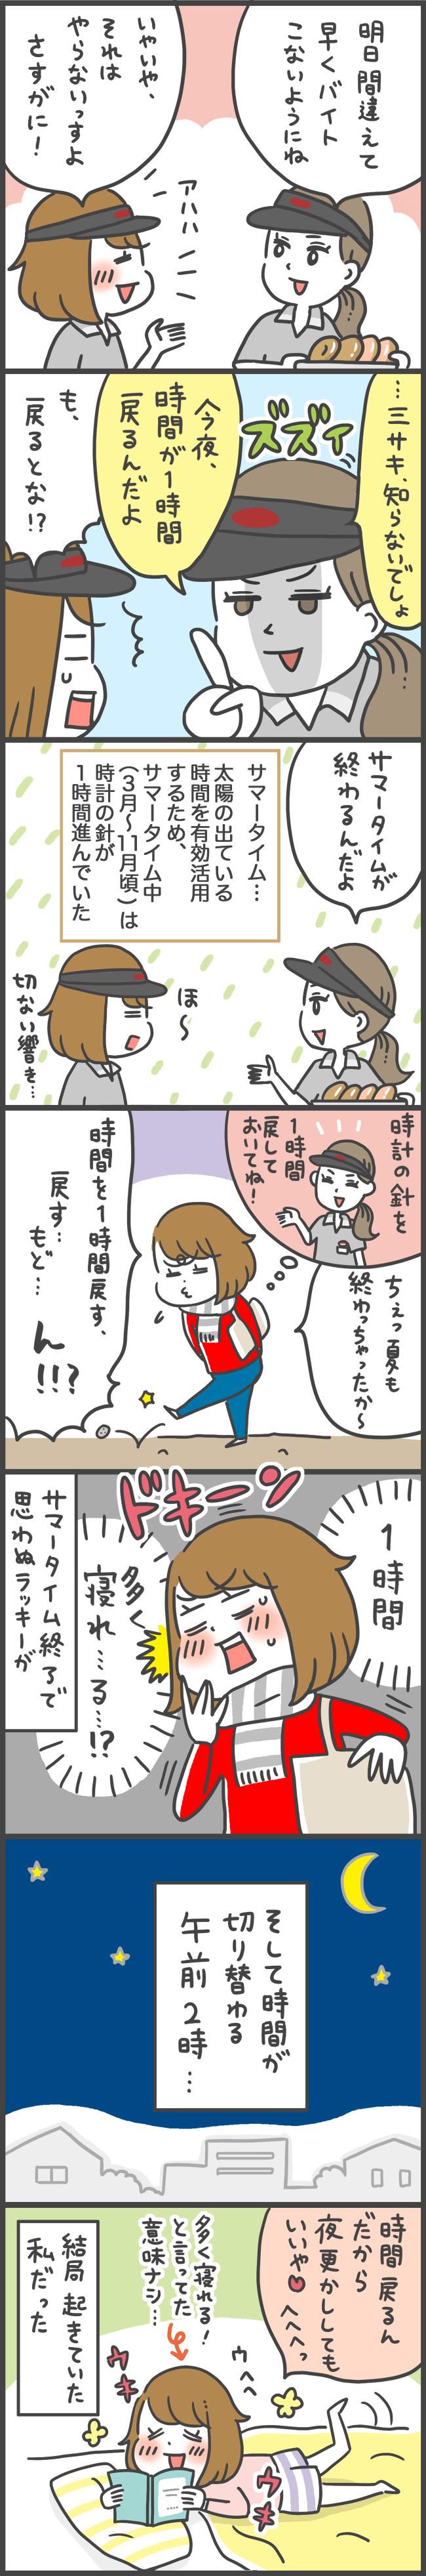 みさPさん・あきばさんのWebマンガ第15回